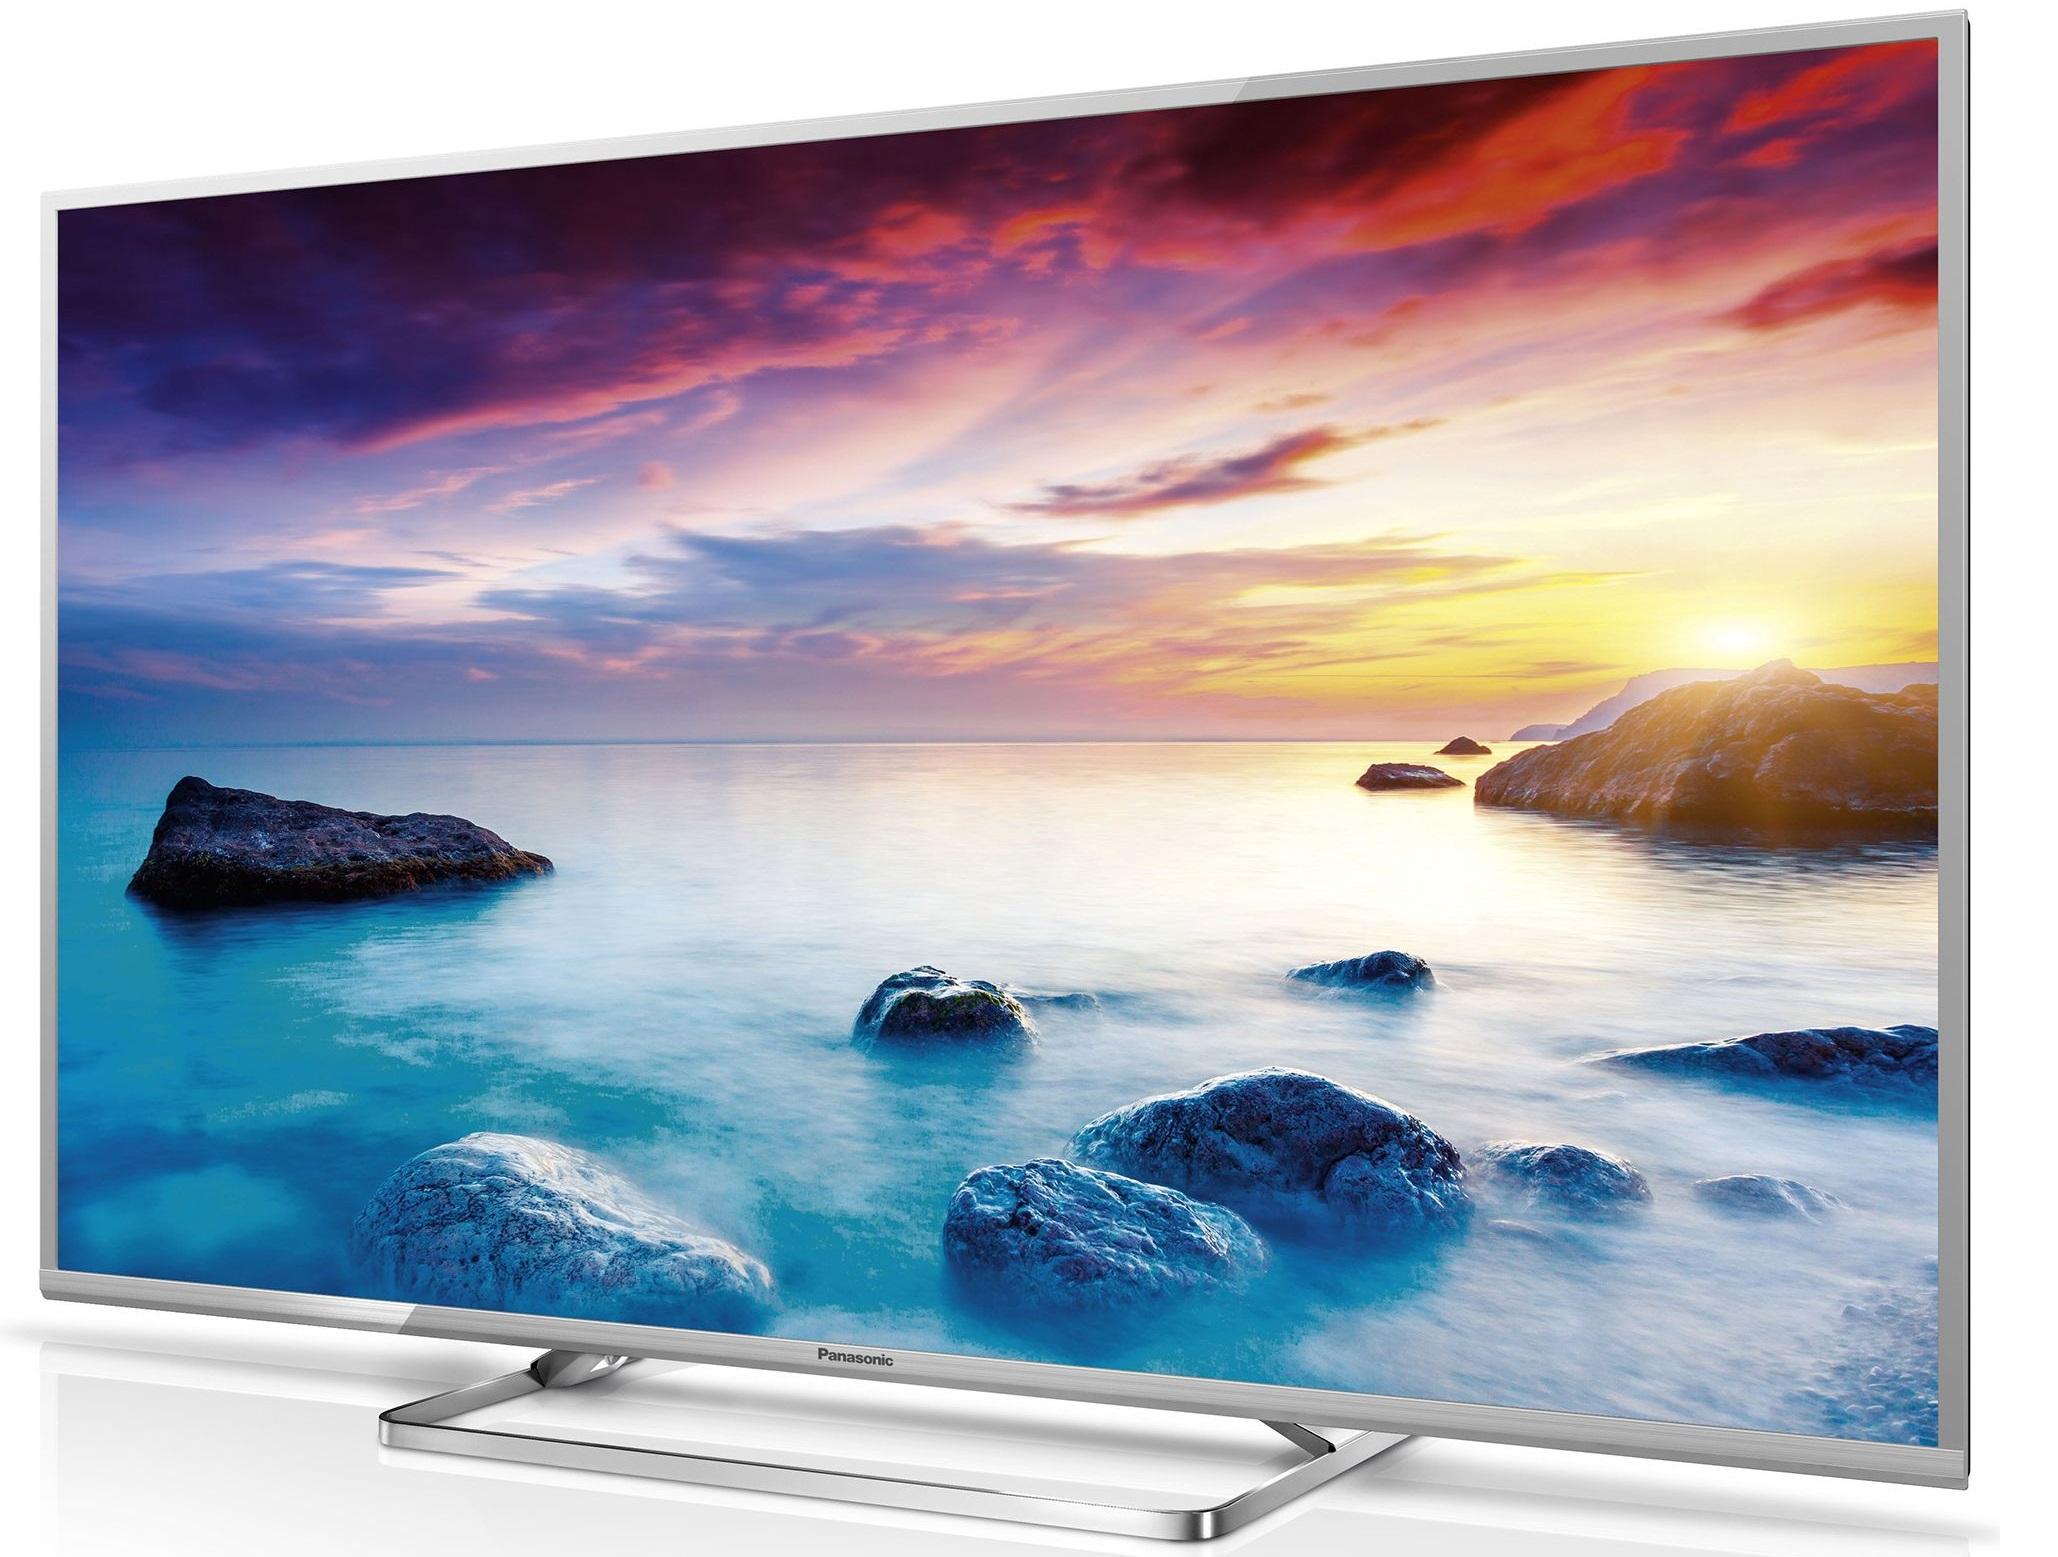 Televizor LED Smart Panasonic, 126 cm, TX-50CS620E, Full HD